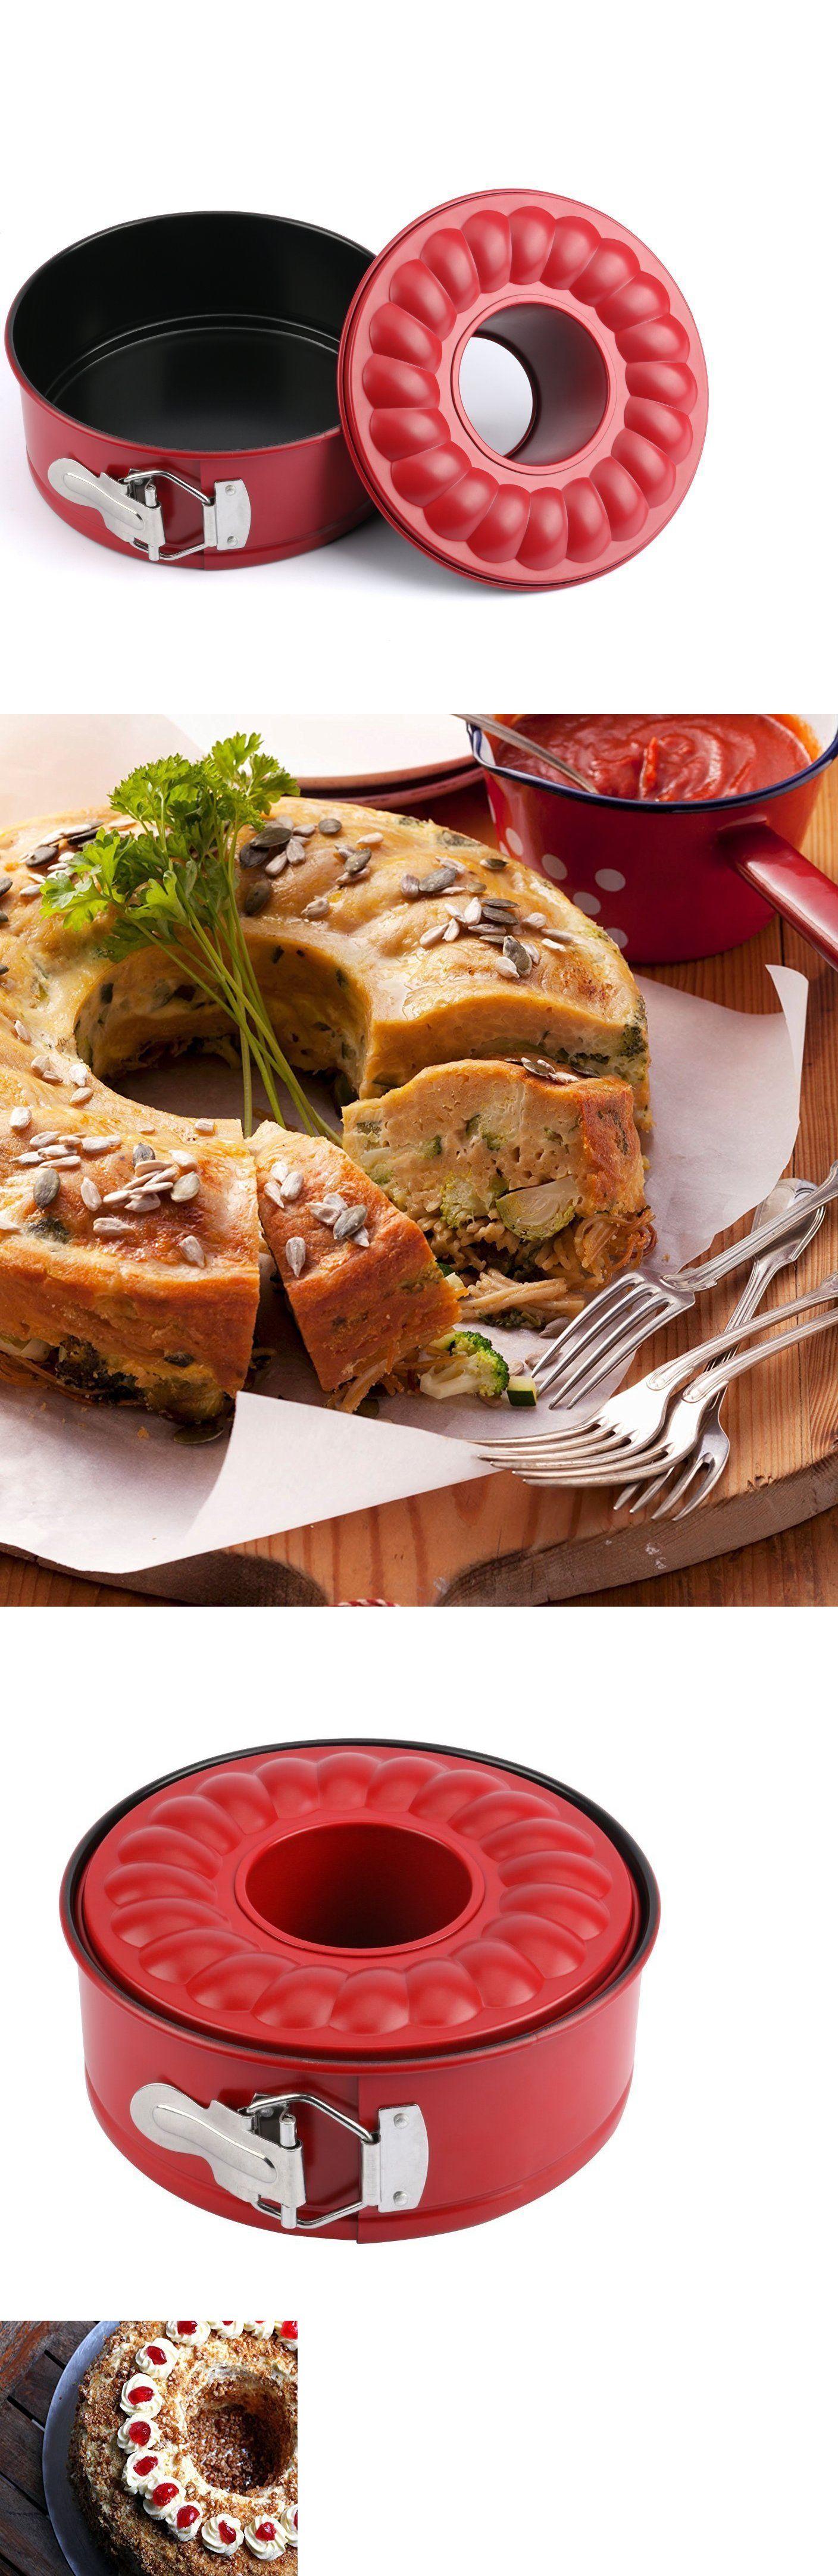 Bakeware 25464 instant pot springform nonstick cake pan